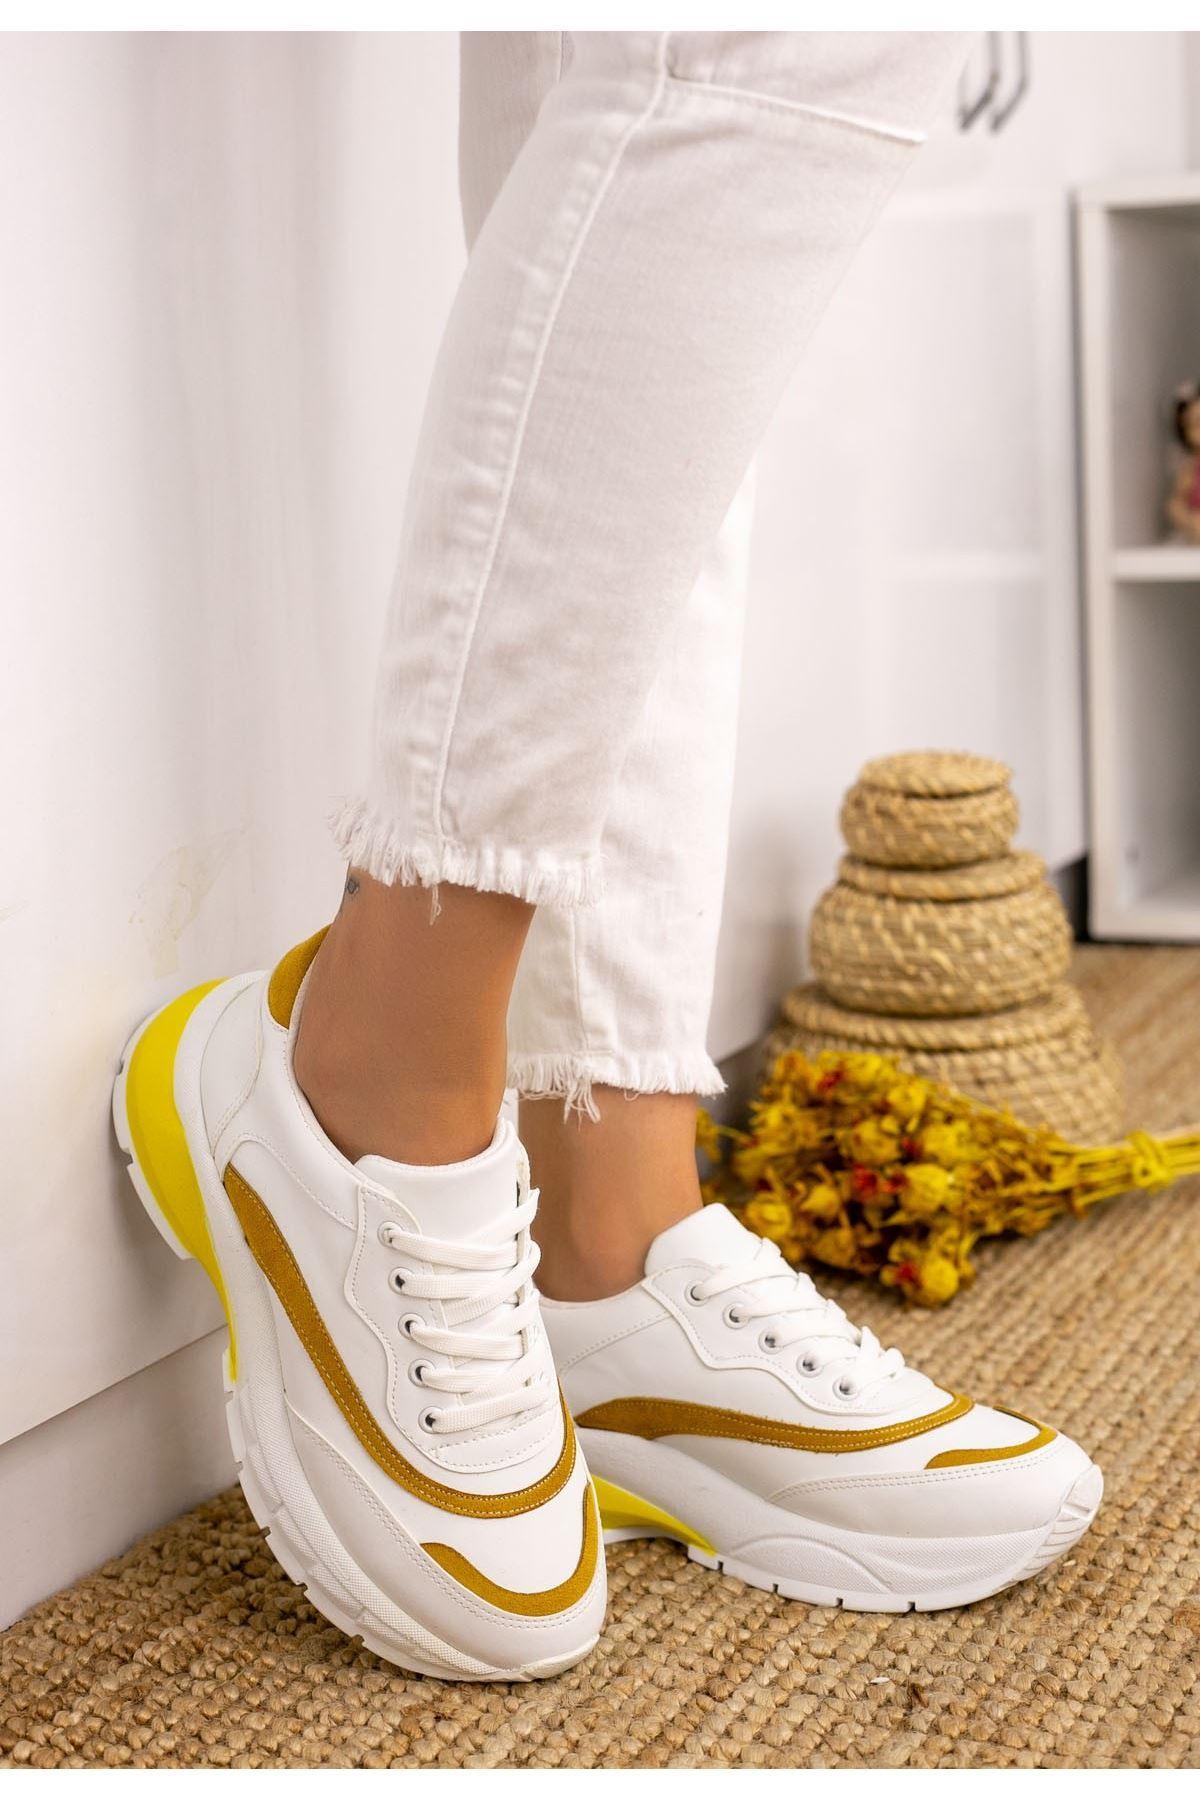 Carix Beyaz Cilt Hardal Detaylı Spor Ayakkabı